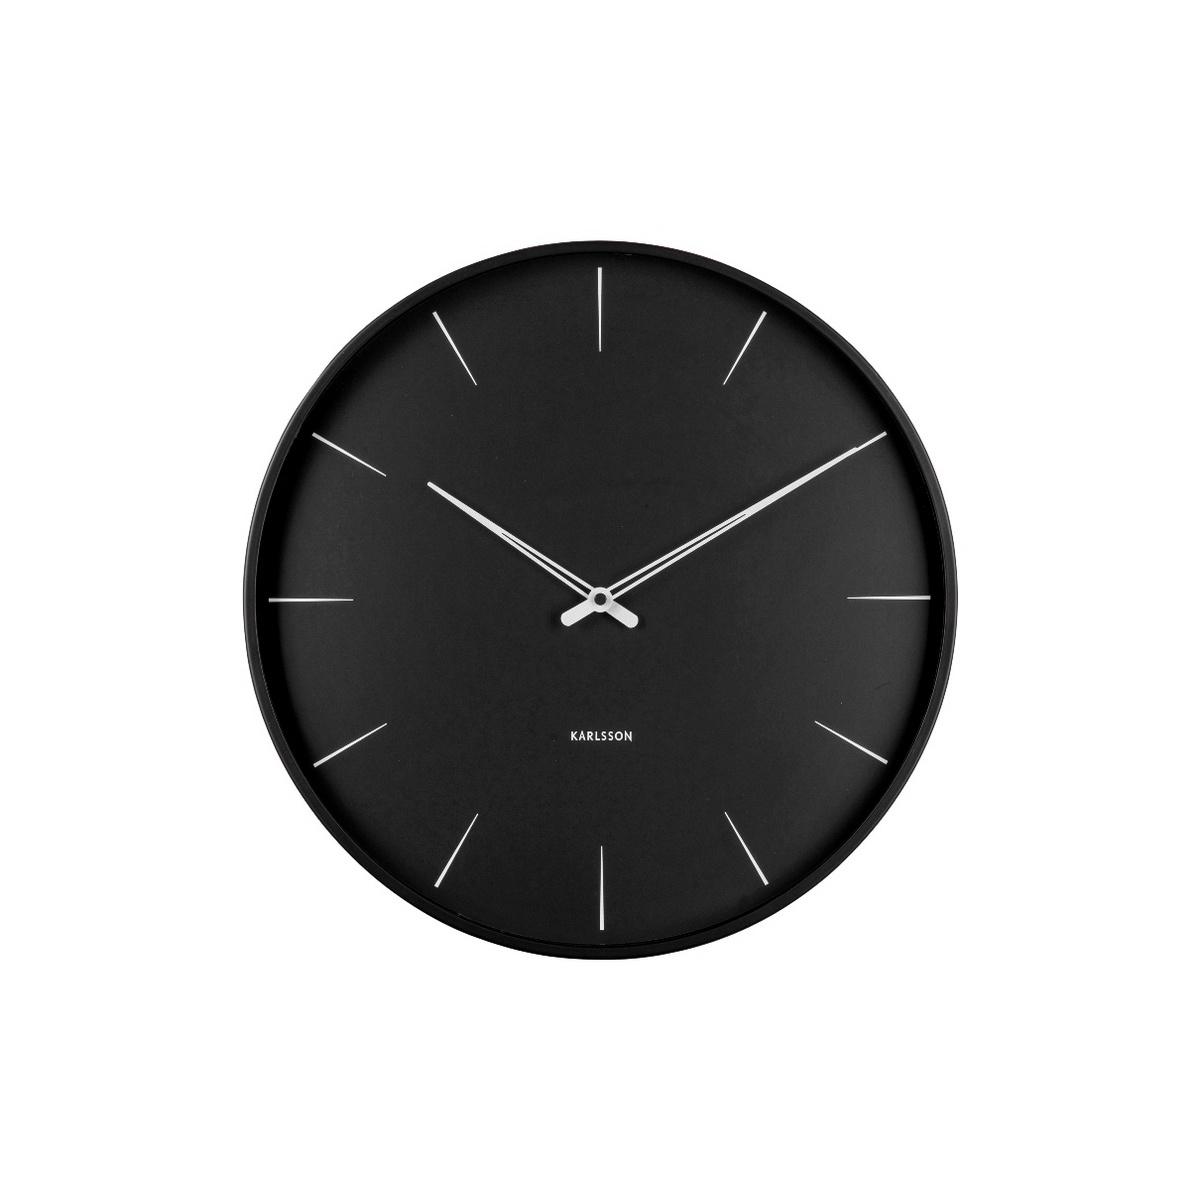 Karlsson Designové nástěnné hodiny KA5834BK